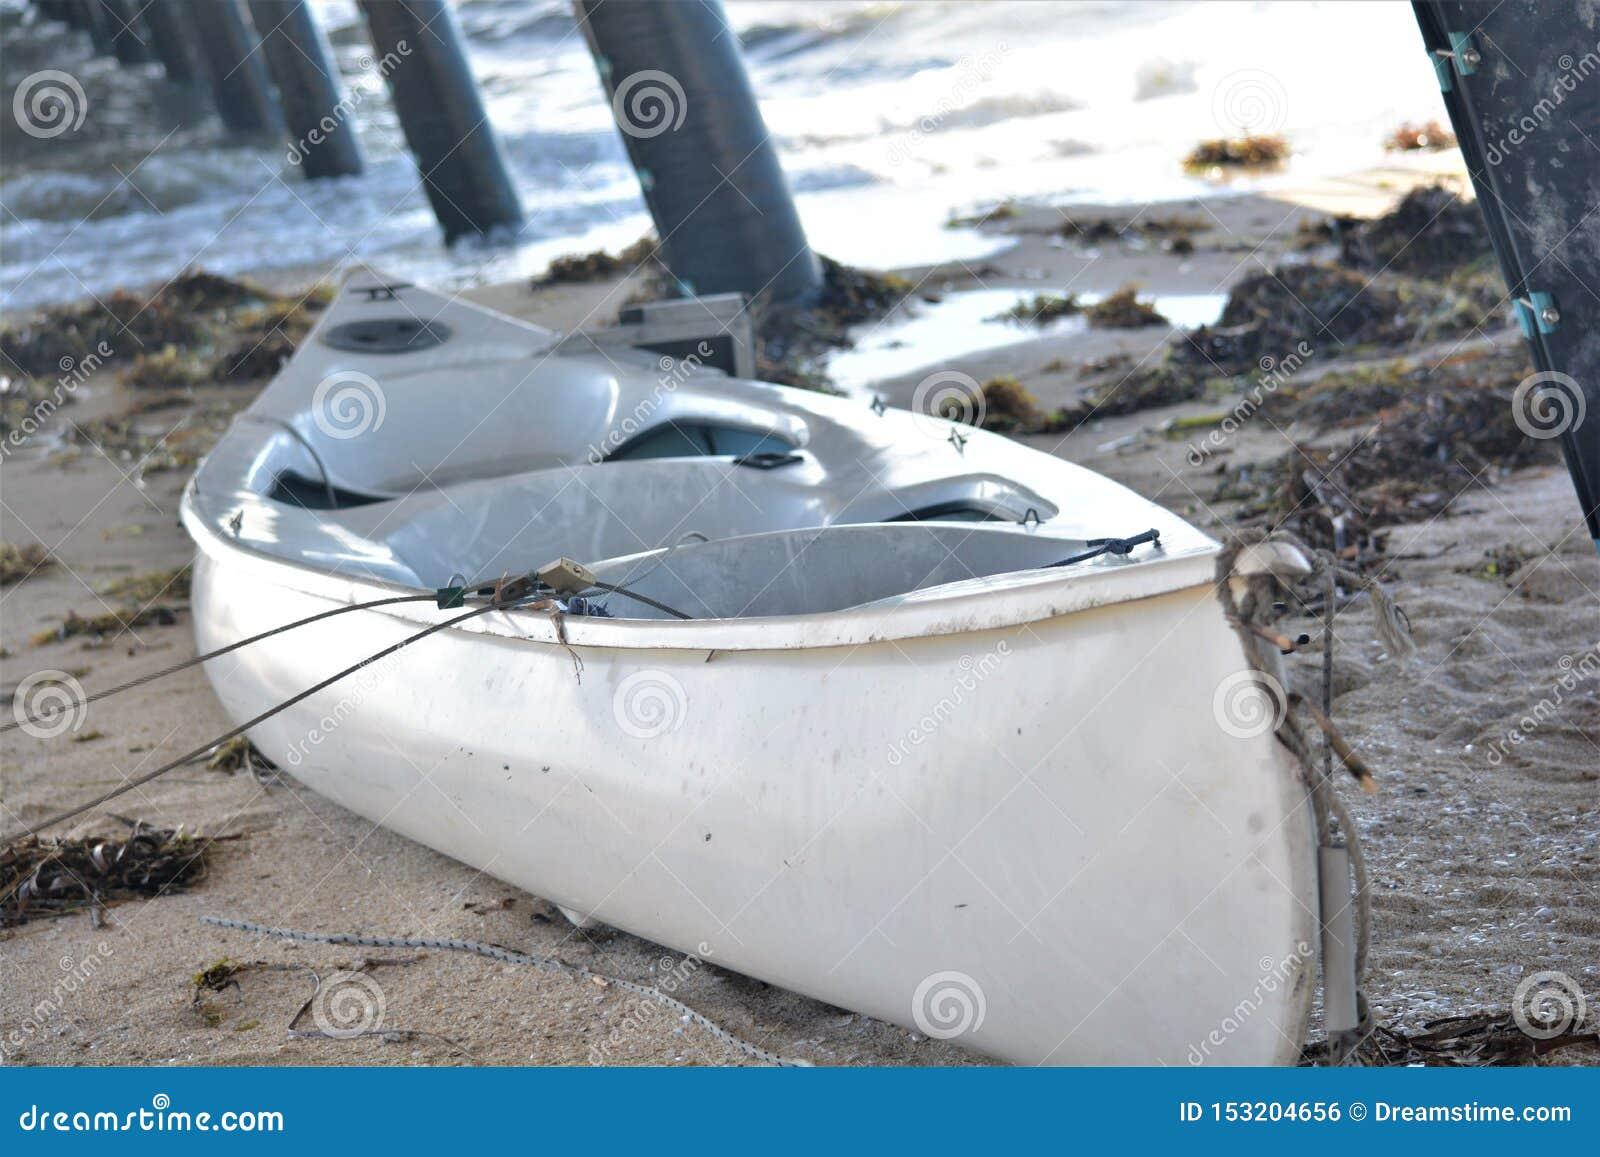 Μια όμορφη άσπρη βάρκα στην άμμο κάτω από έναν λιμενοβραχίονα